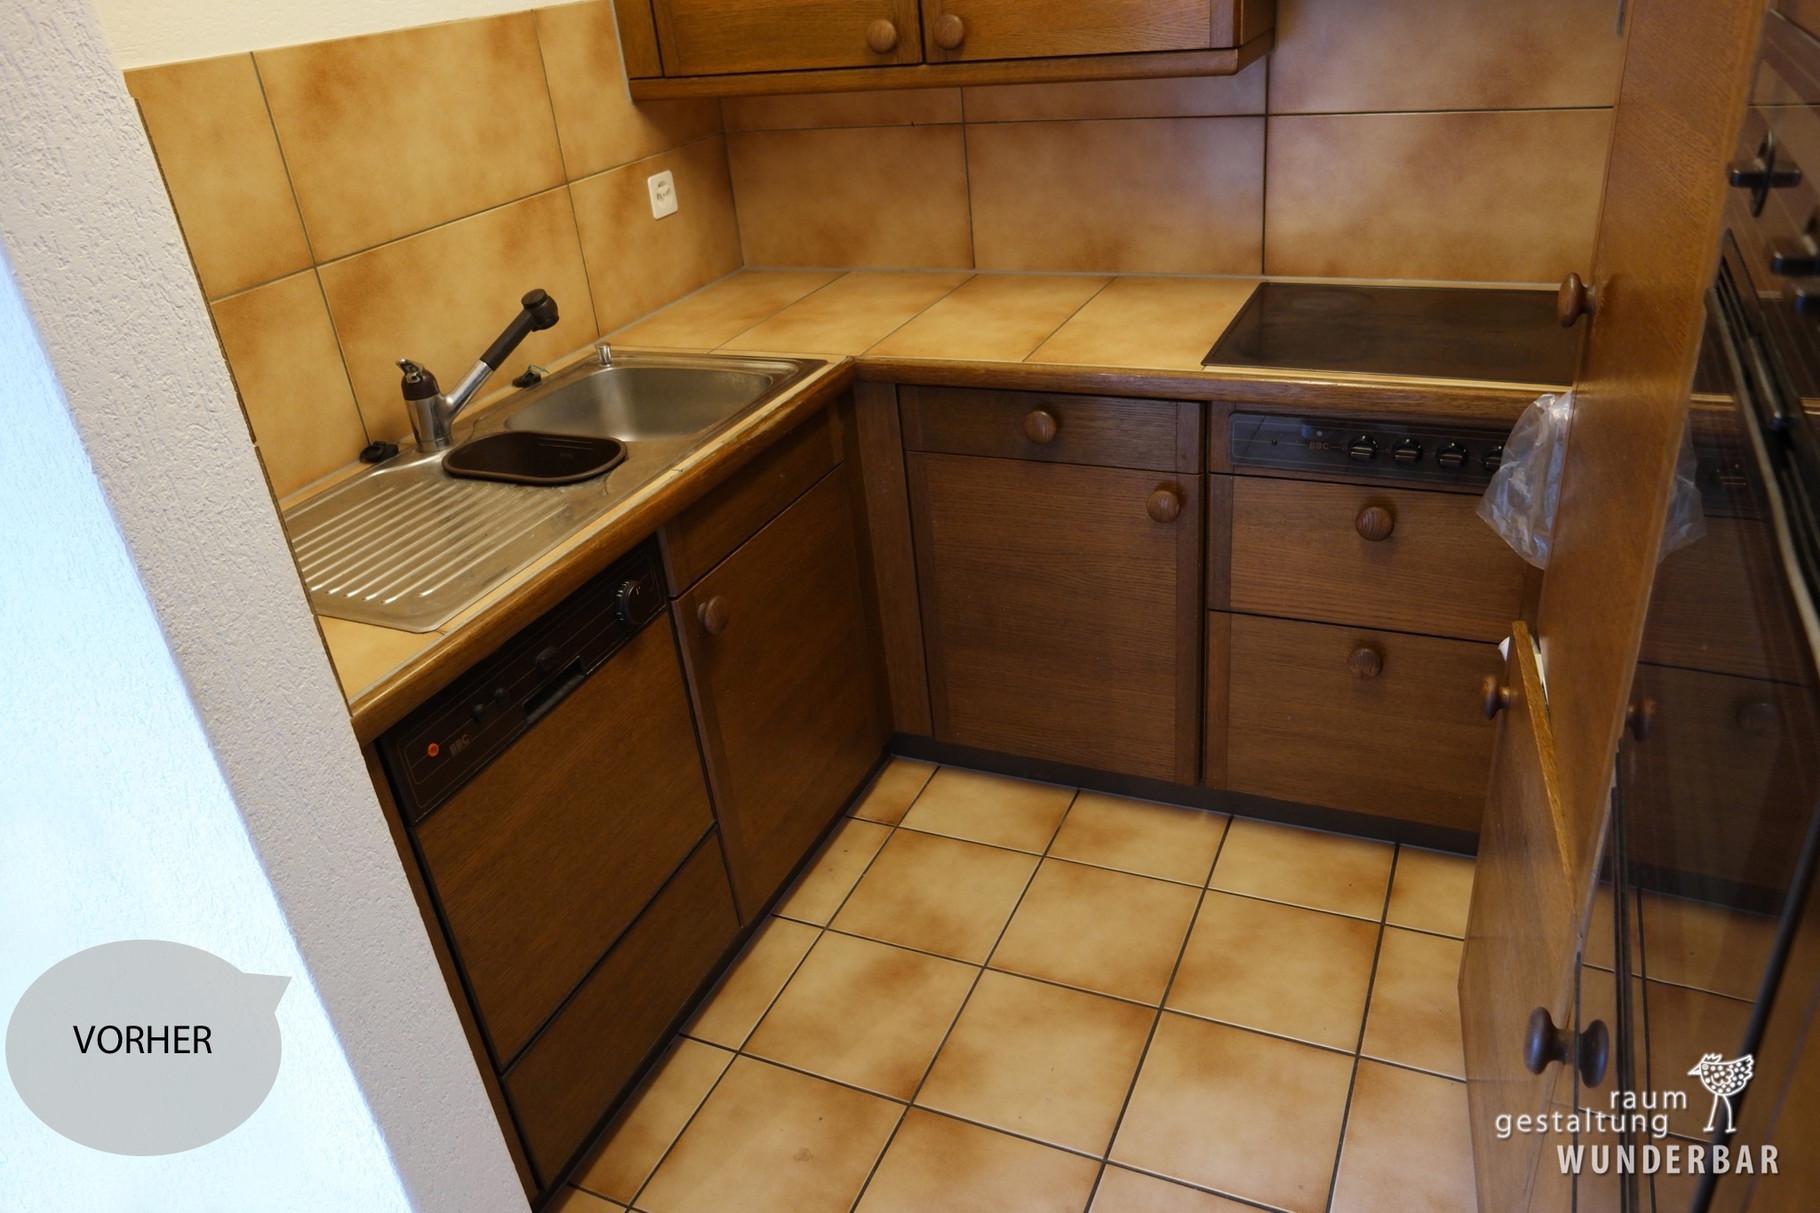 Vorher: Alte Küche mit rustikal Holz und Kacheln